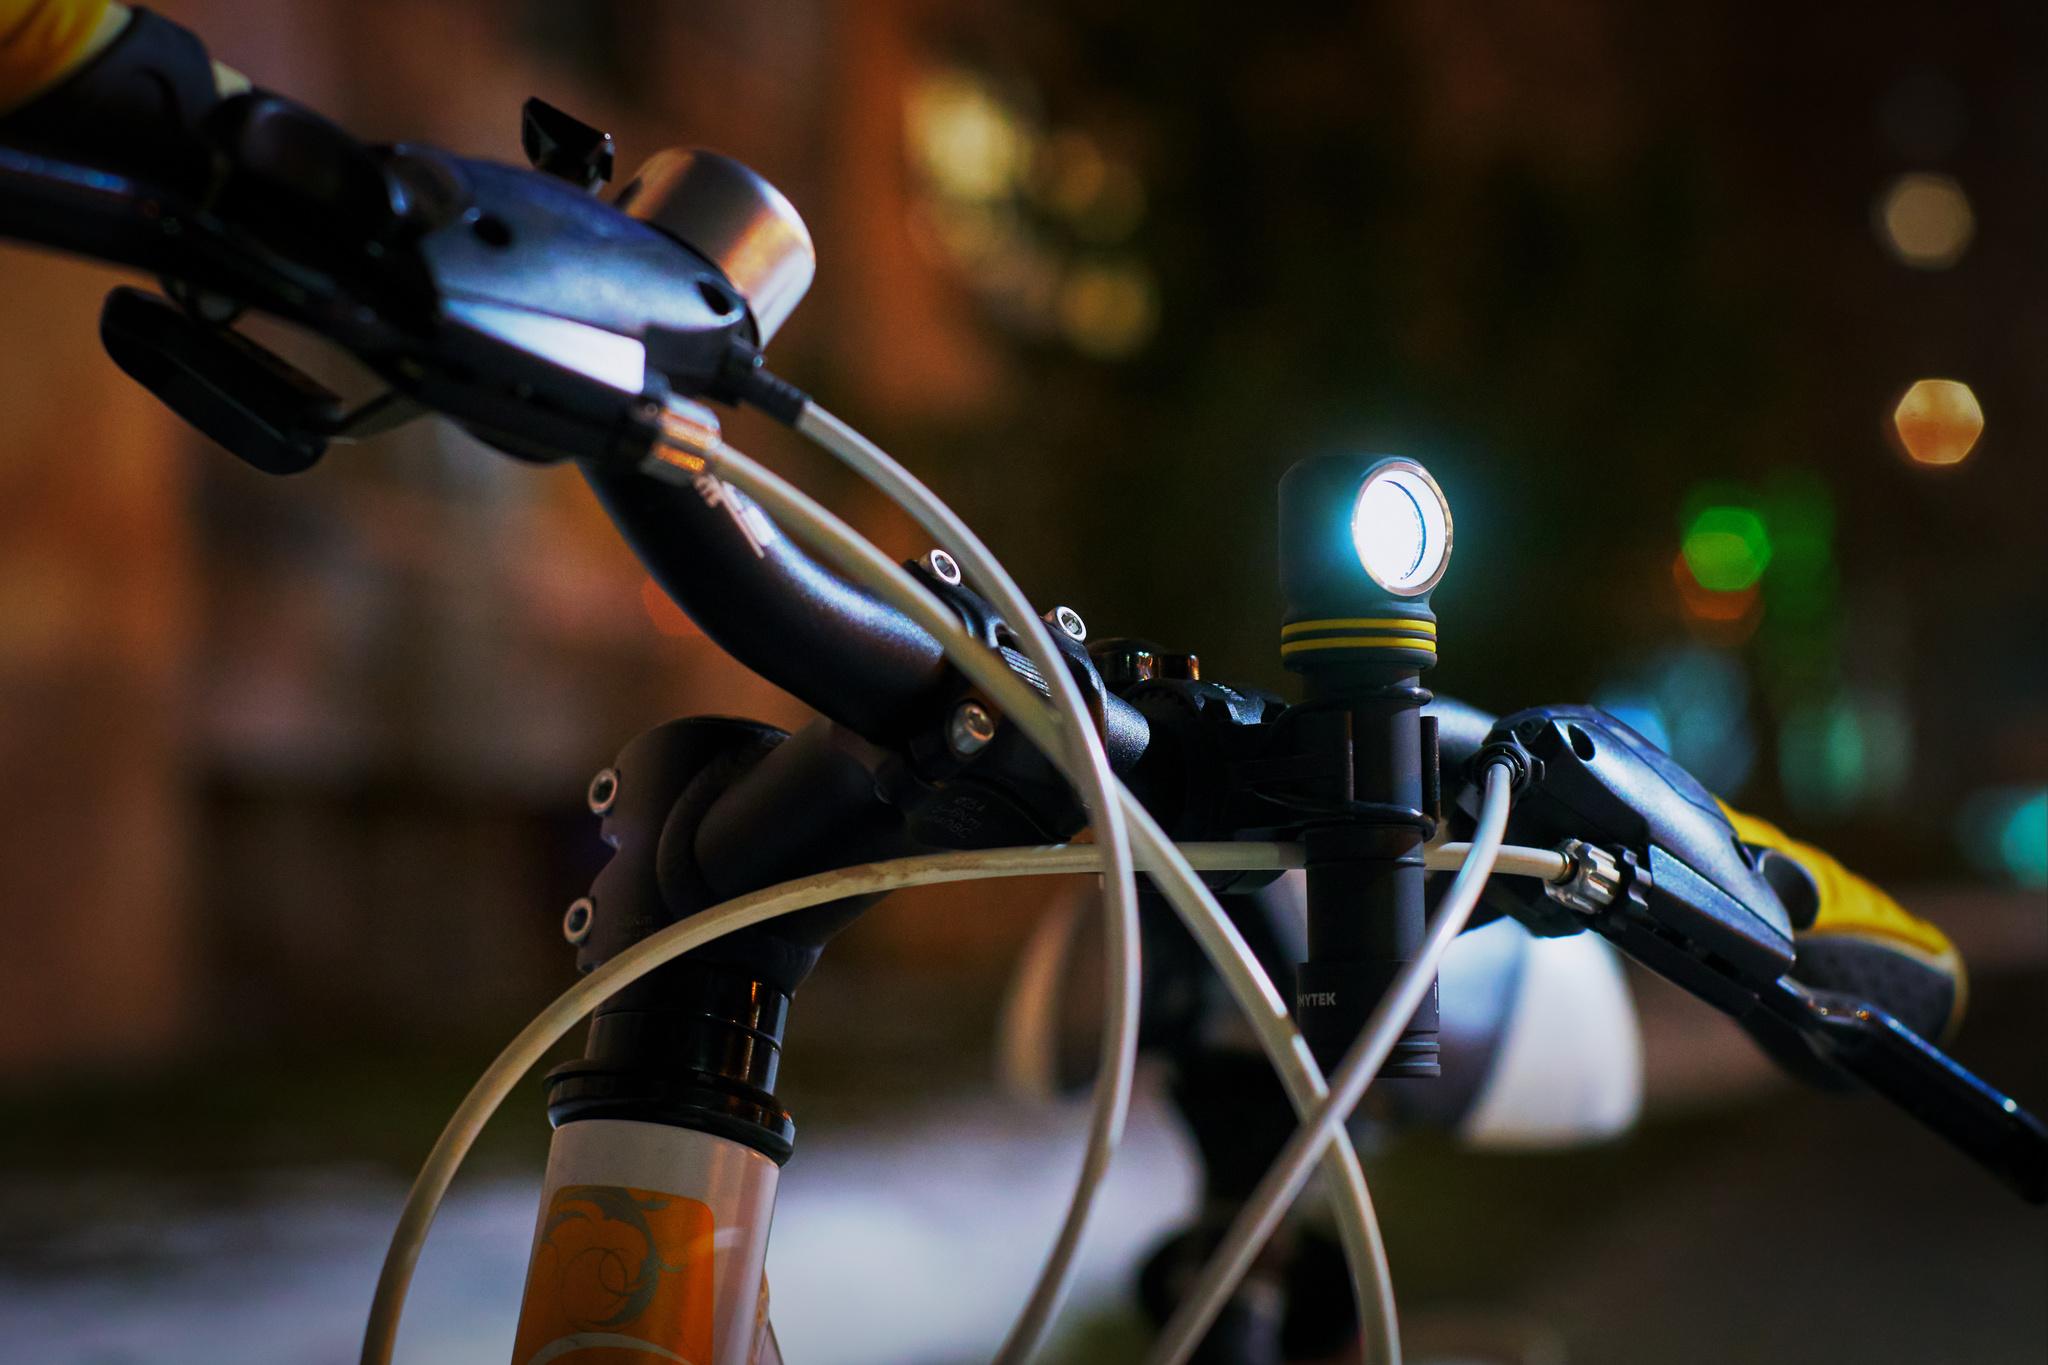 Налобный LED-фонарь Armytek Elf C2 Micro USB - фото 9